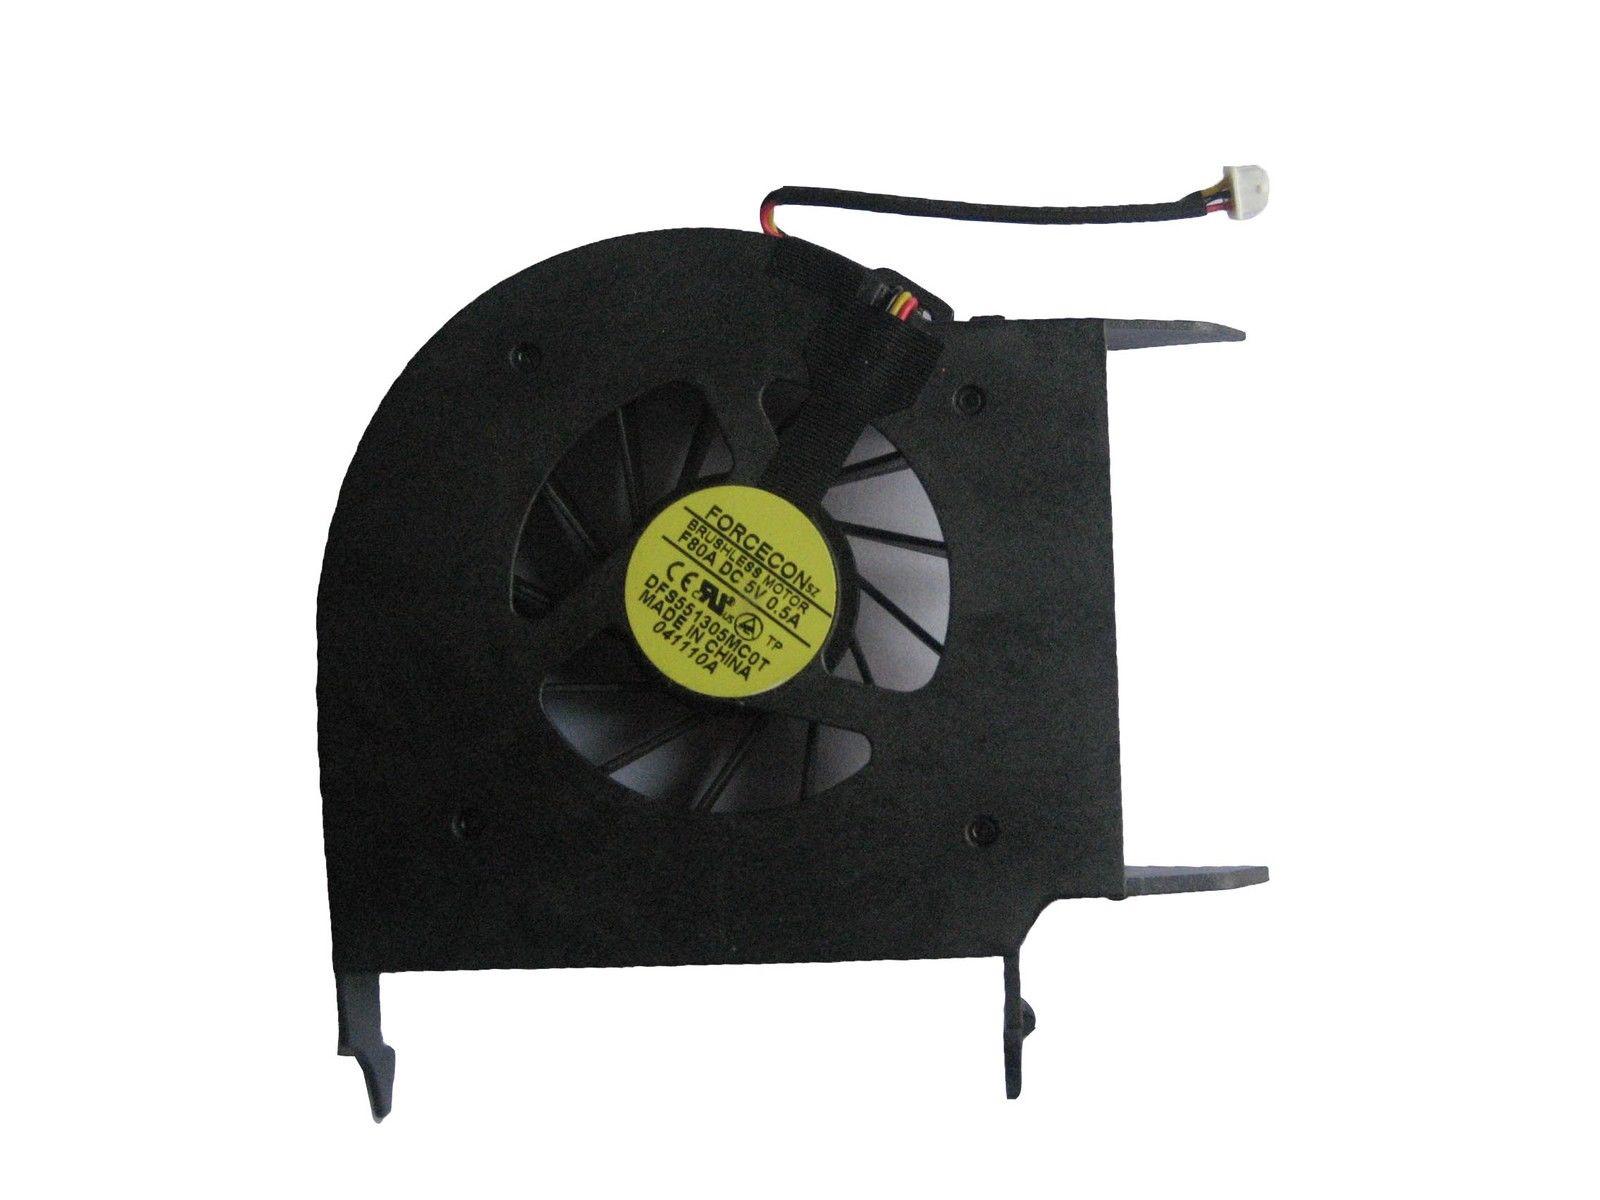 Ventilátor chlazení pro notebooky Ventilátor chlazení pro notebooky HP Pavilion DV6 DV6-1000 DV6-1100 DV6-1200 AMD CPU